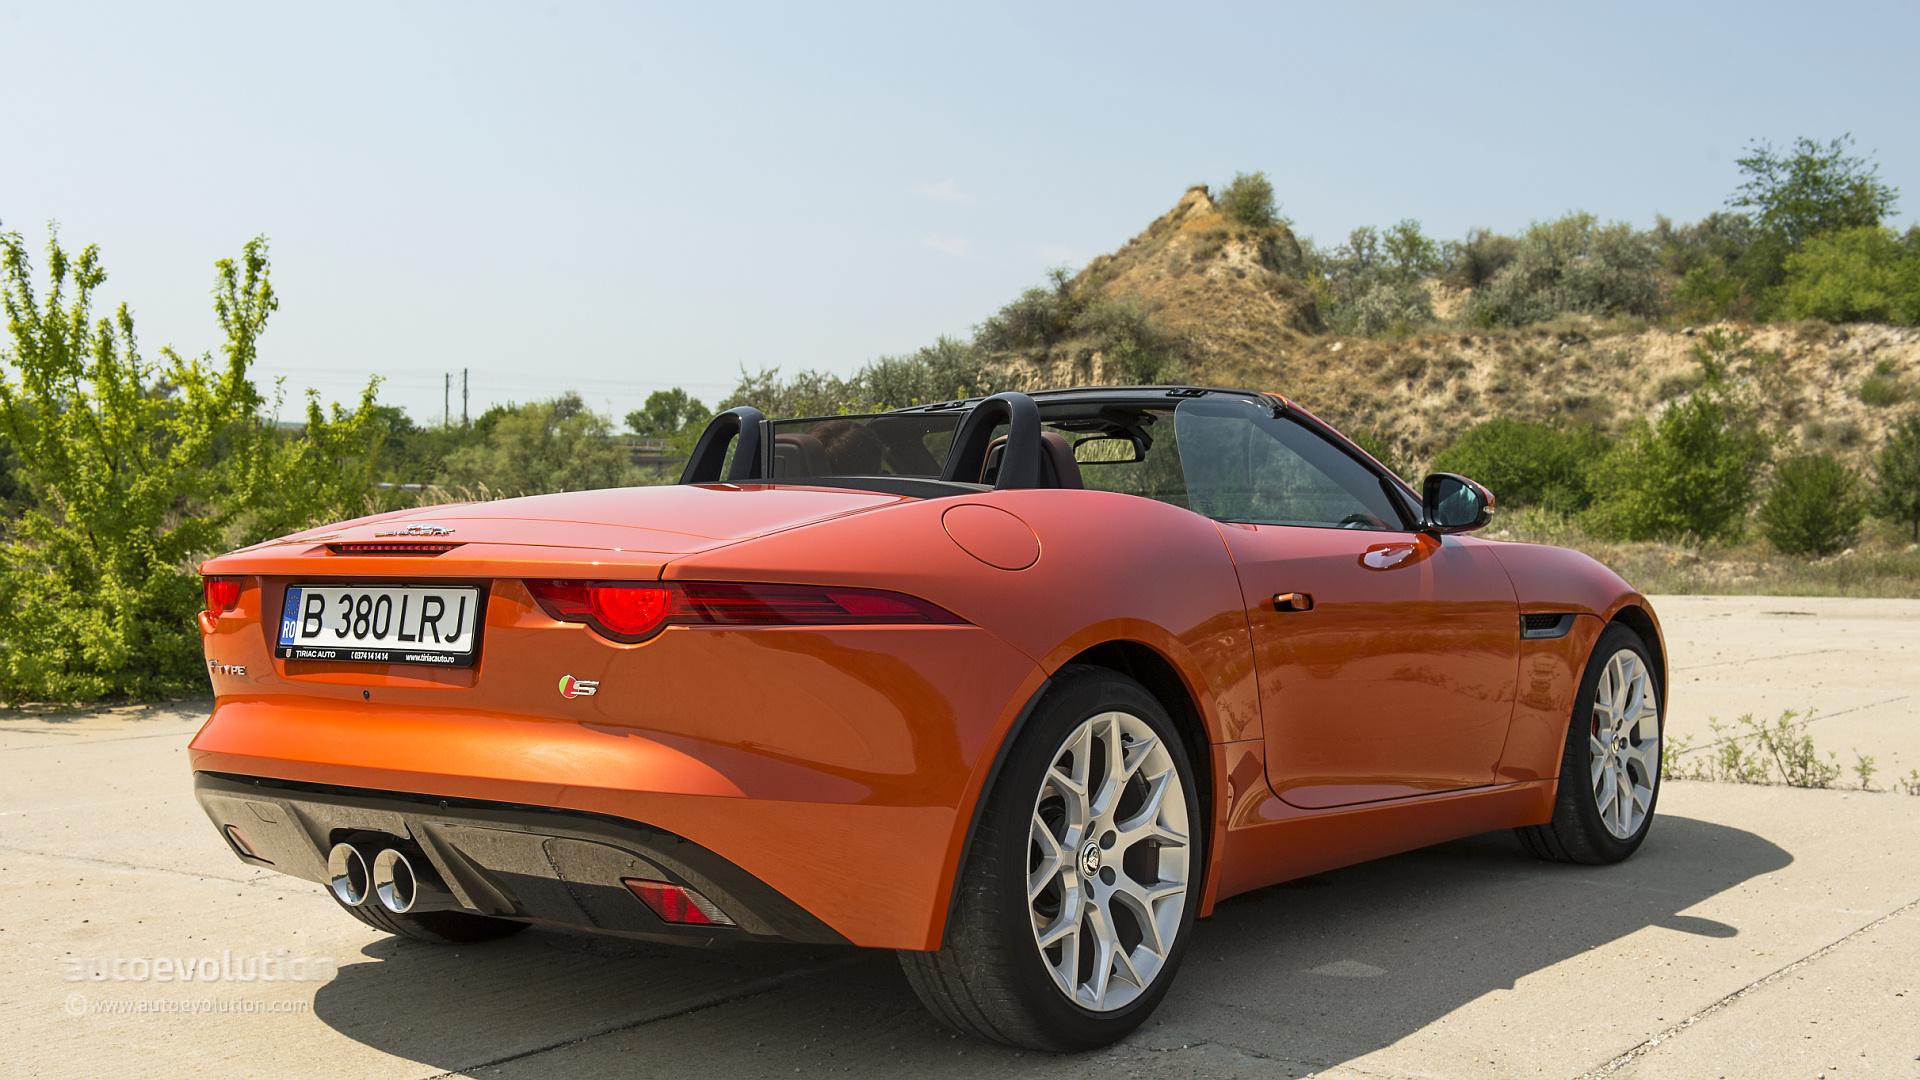 jaguar f-type v6 s review - autoevolution